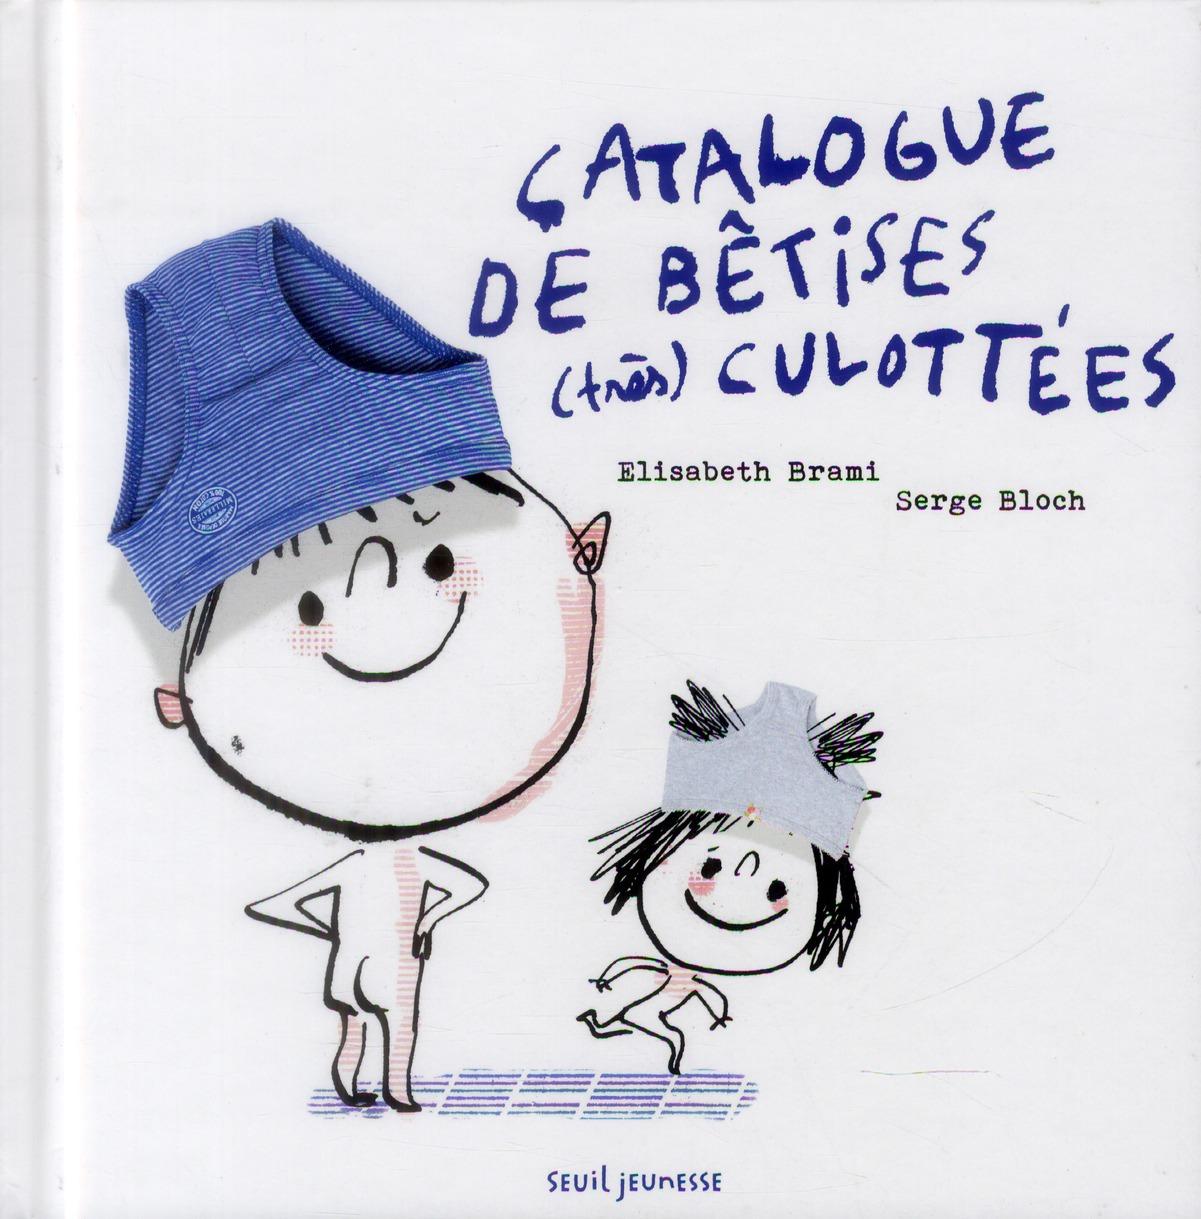 CATALOGUE DE BETISES (TRES) CULOTTEES